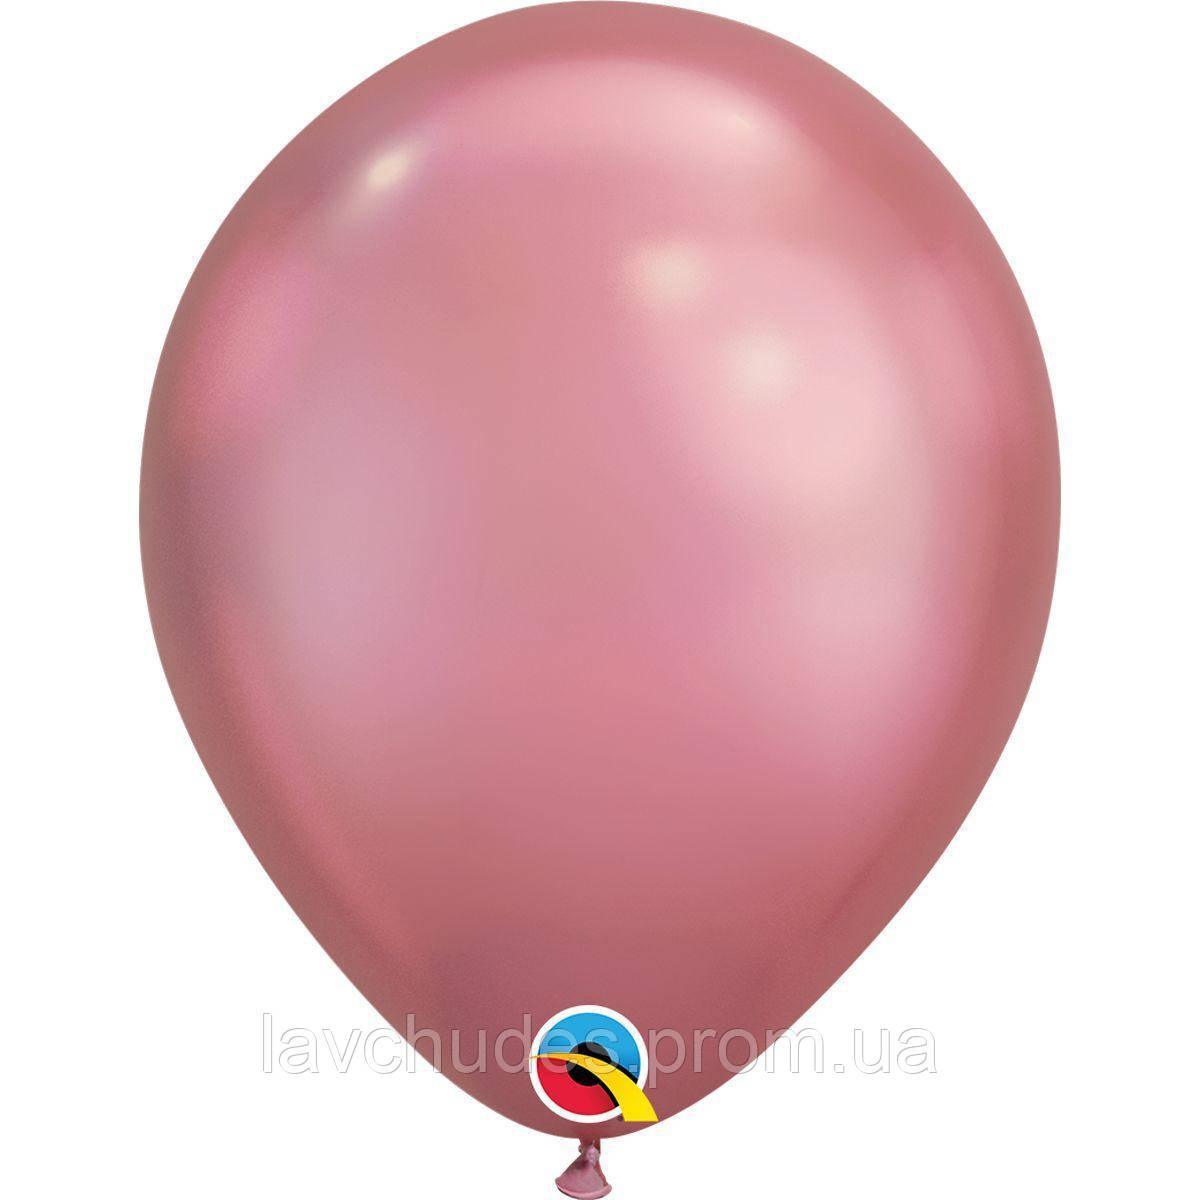 Гелиевые шары Хром - розовый chrome mauve .  Гелиевые шары Киев. Гелиевые шары с доставкой по Киеву.